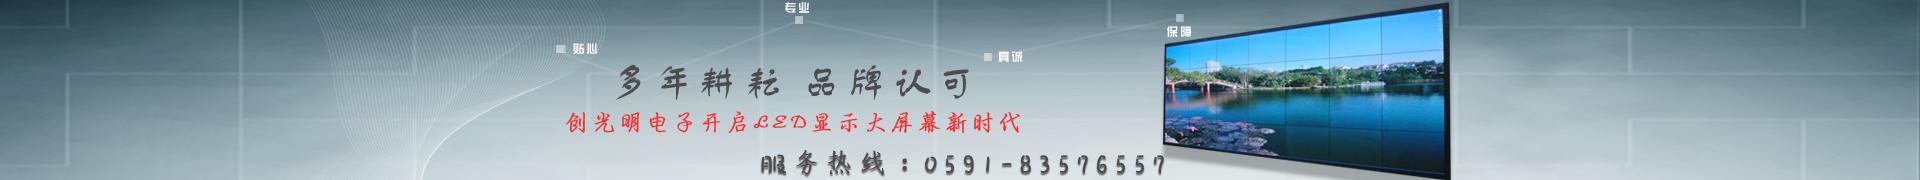 88优德電子科技開啟福州led顯示屏新時代